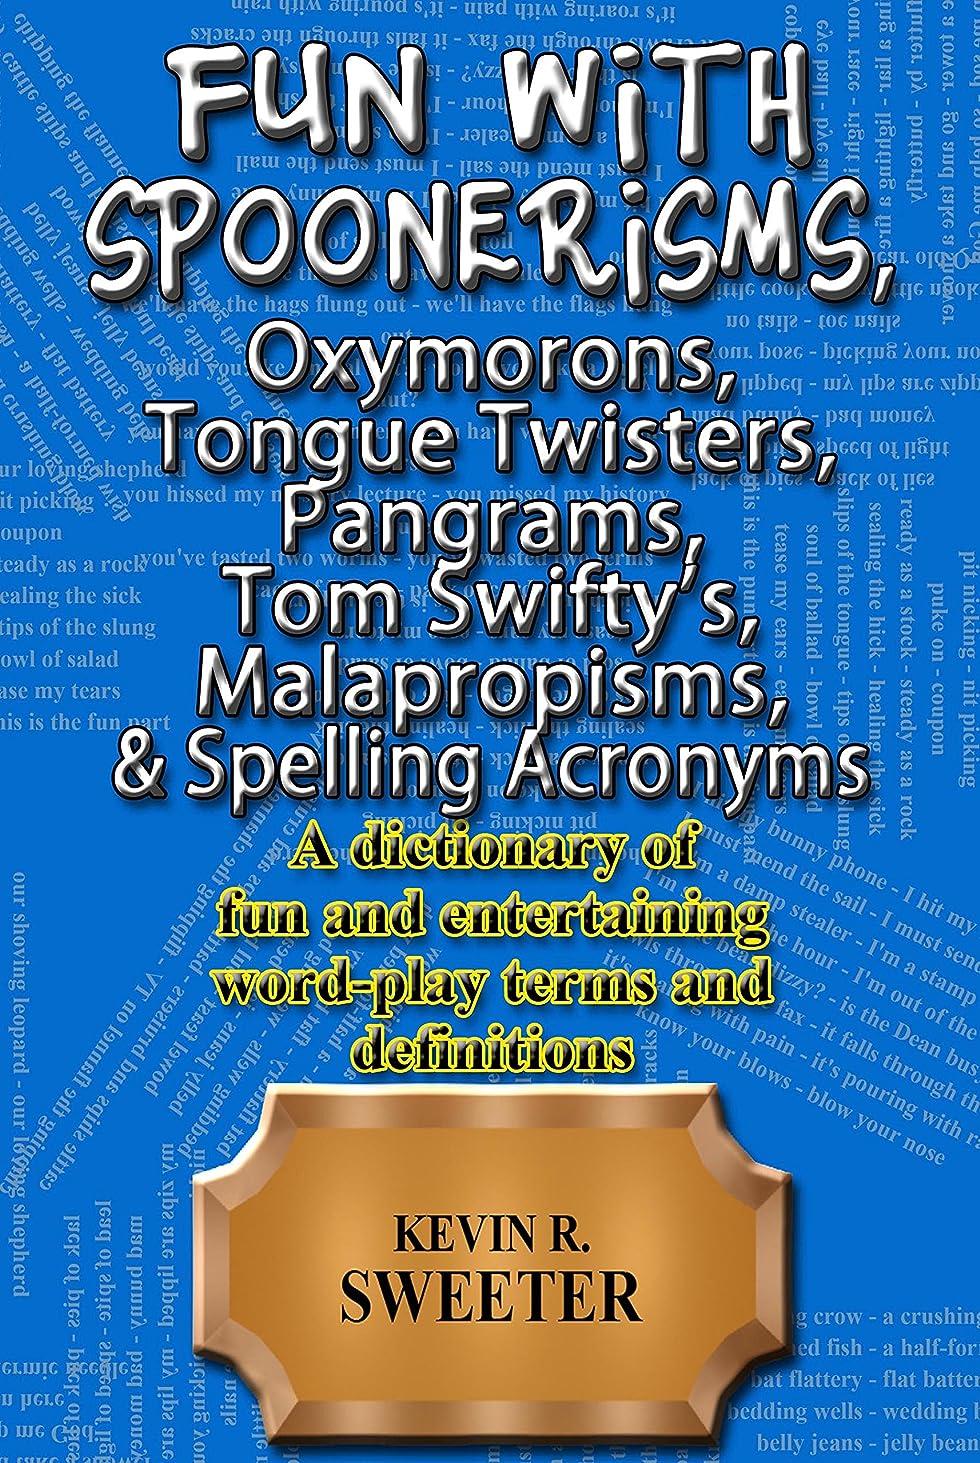 ブースト謝罪逆Fun with: Spoonerisms, Oxymorons, Tongue Twisters, Pangrams, Tom Swifty's, Malapropisms, & Spelling Acronyms (English Edition)